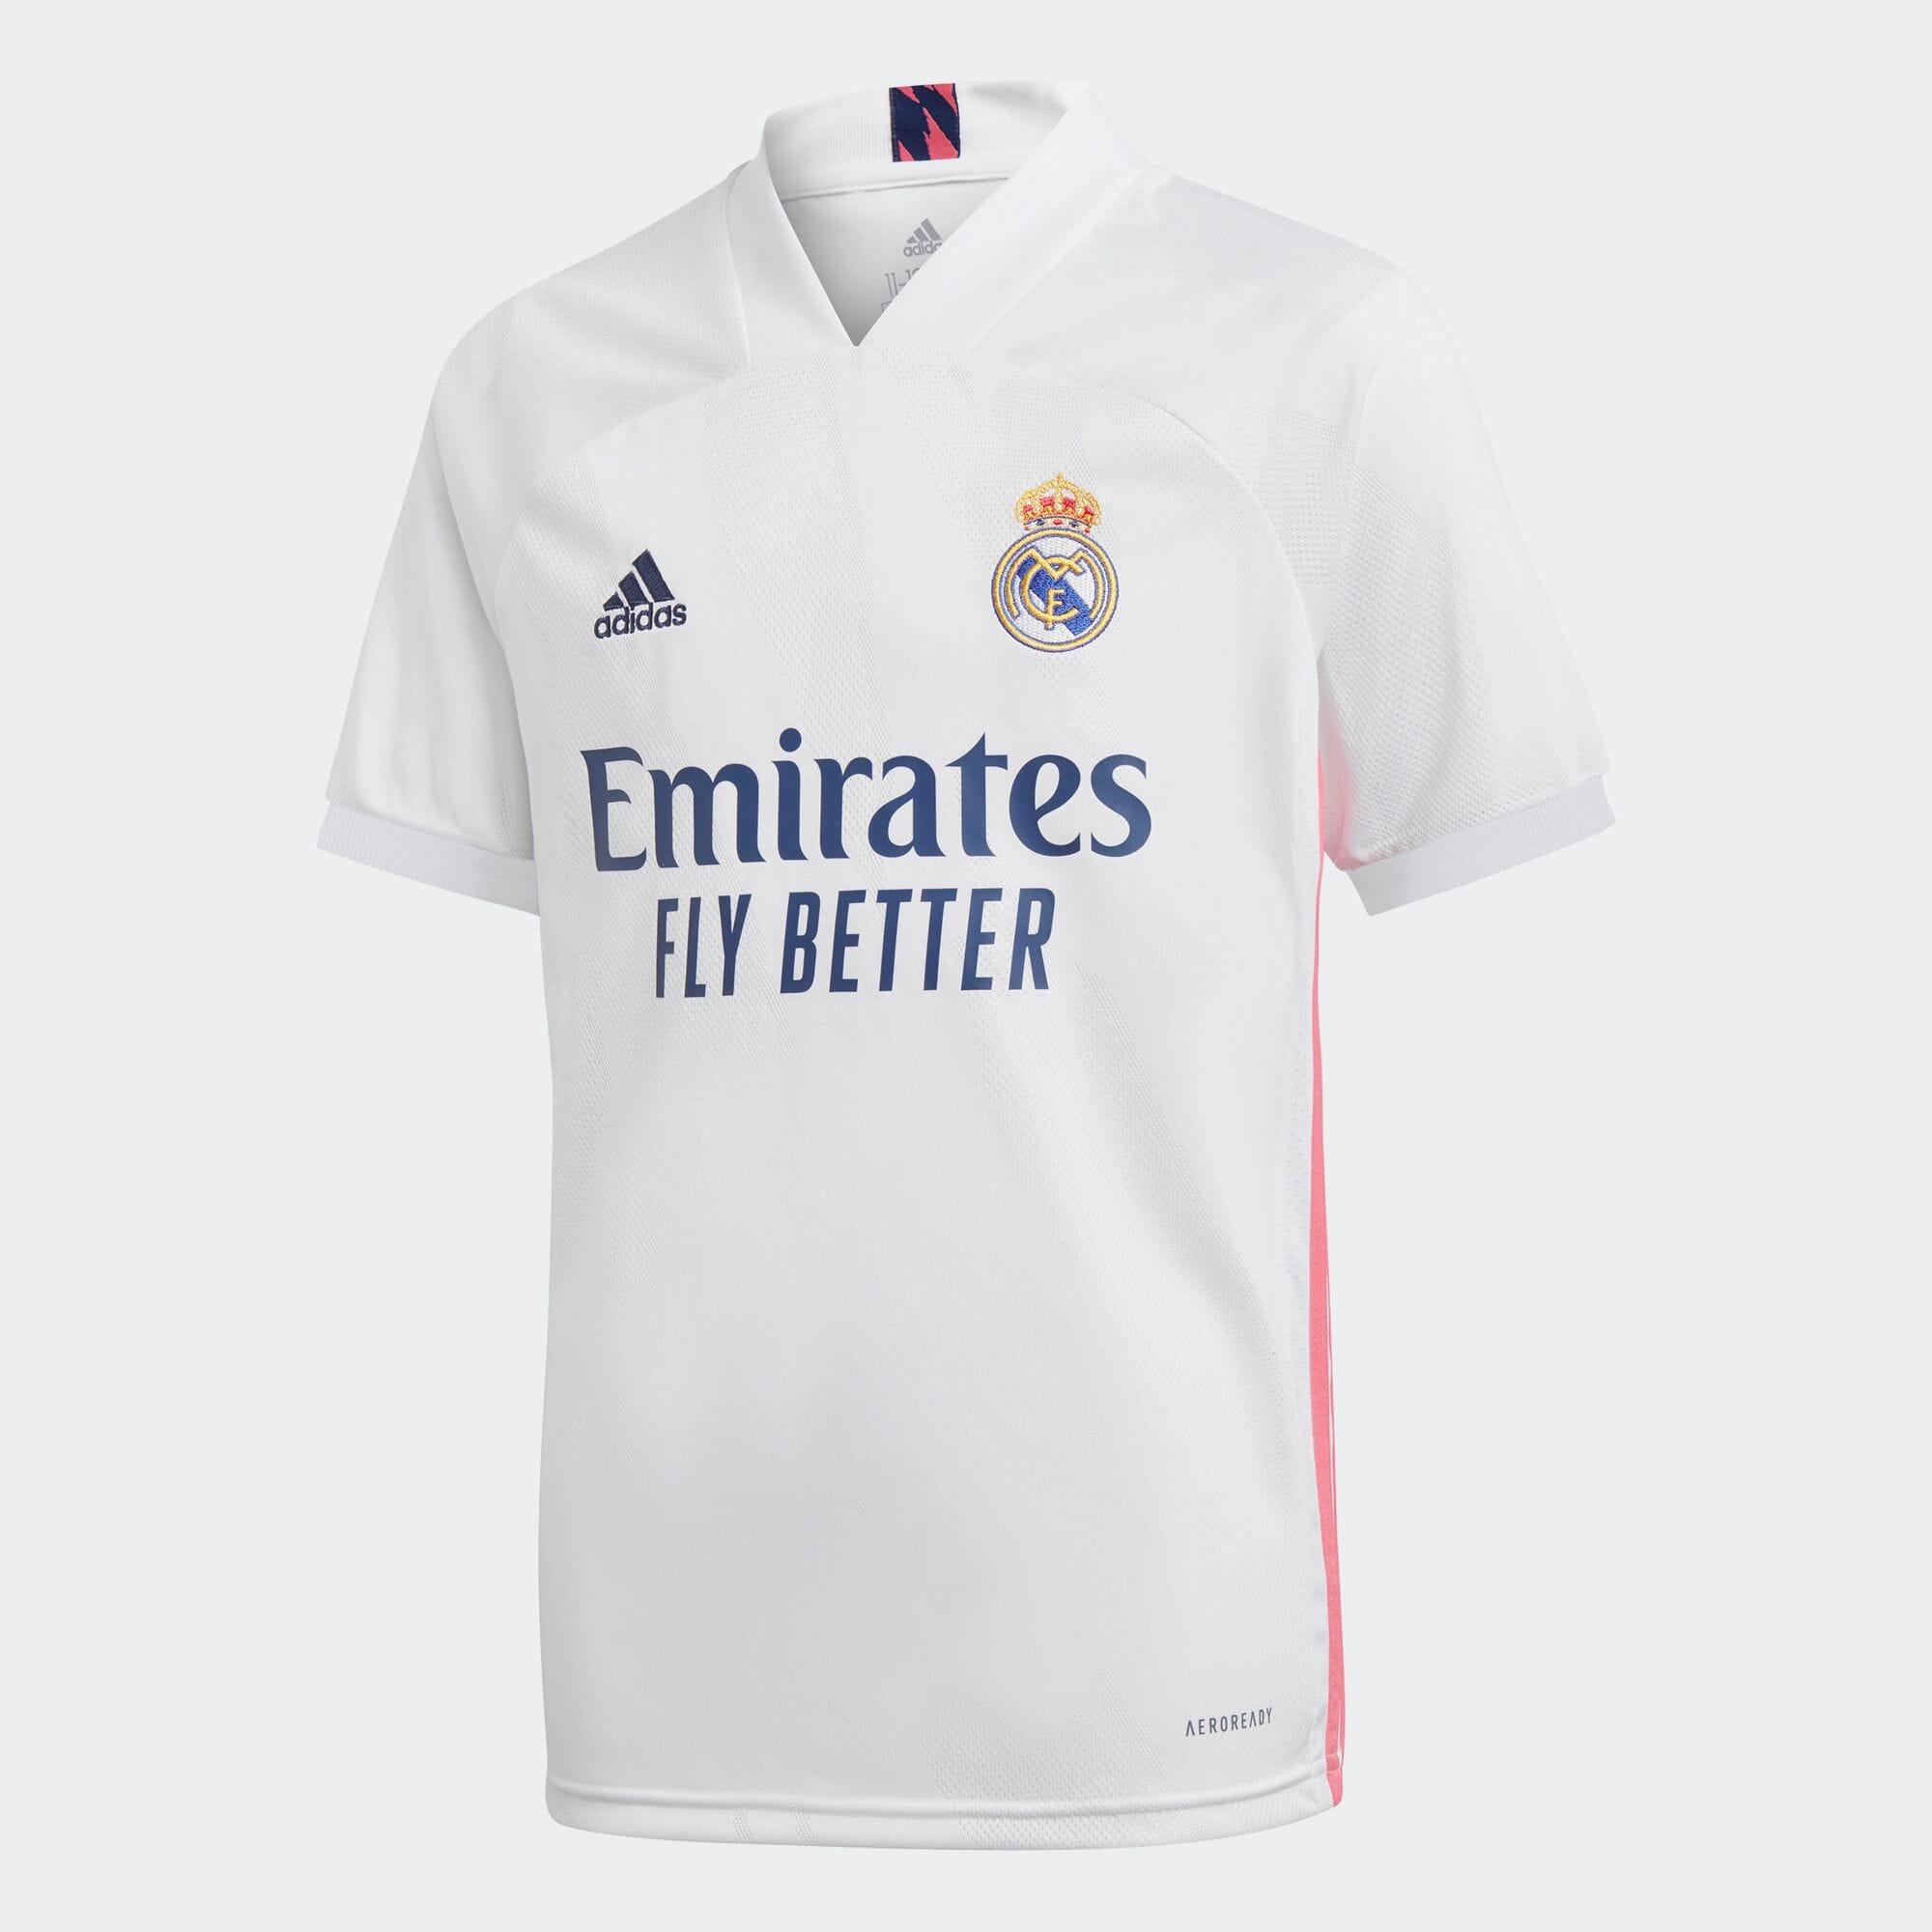 レアル・マドリード 20/21 ホームユニフォーム / Real Madrid 20/21 Home Jersey